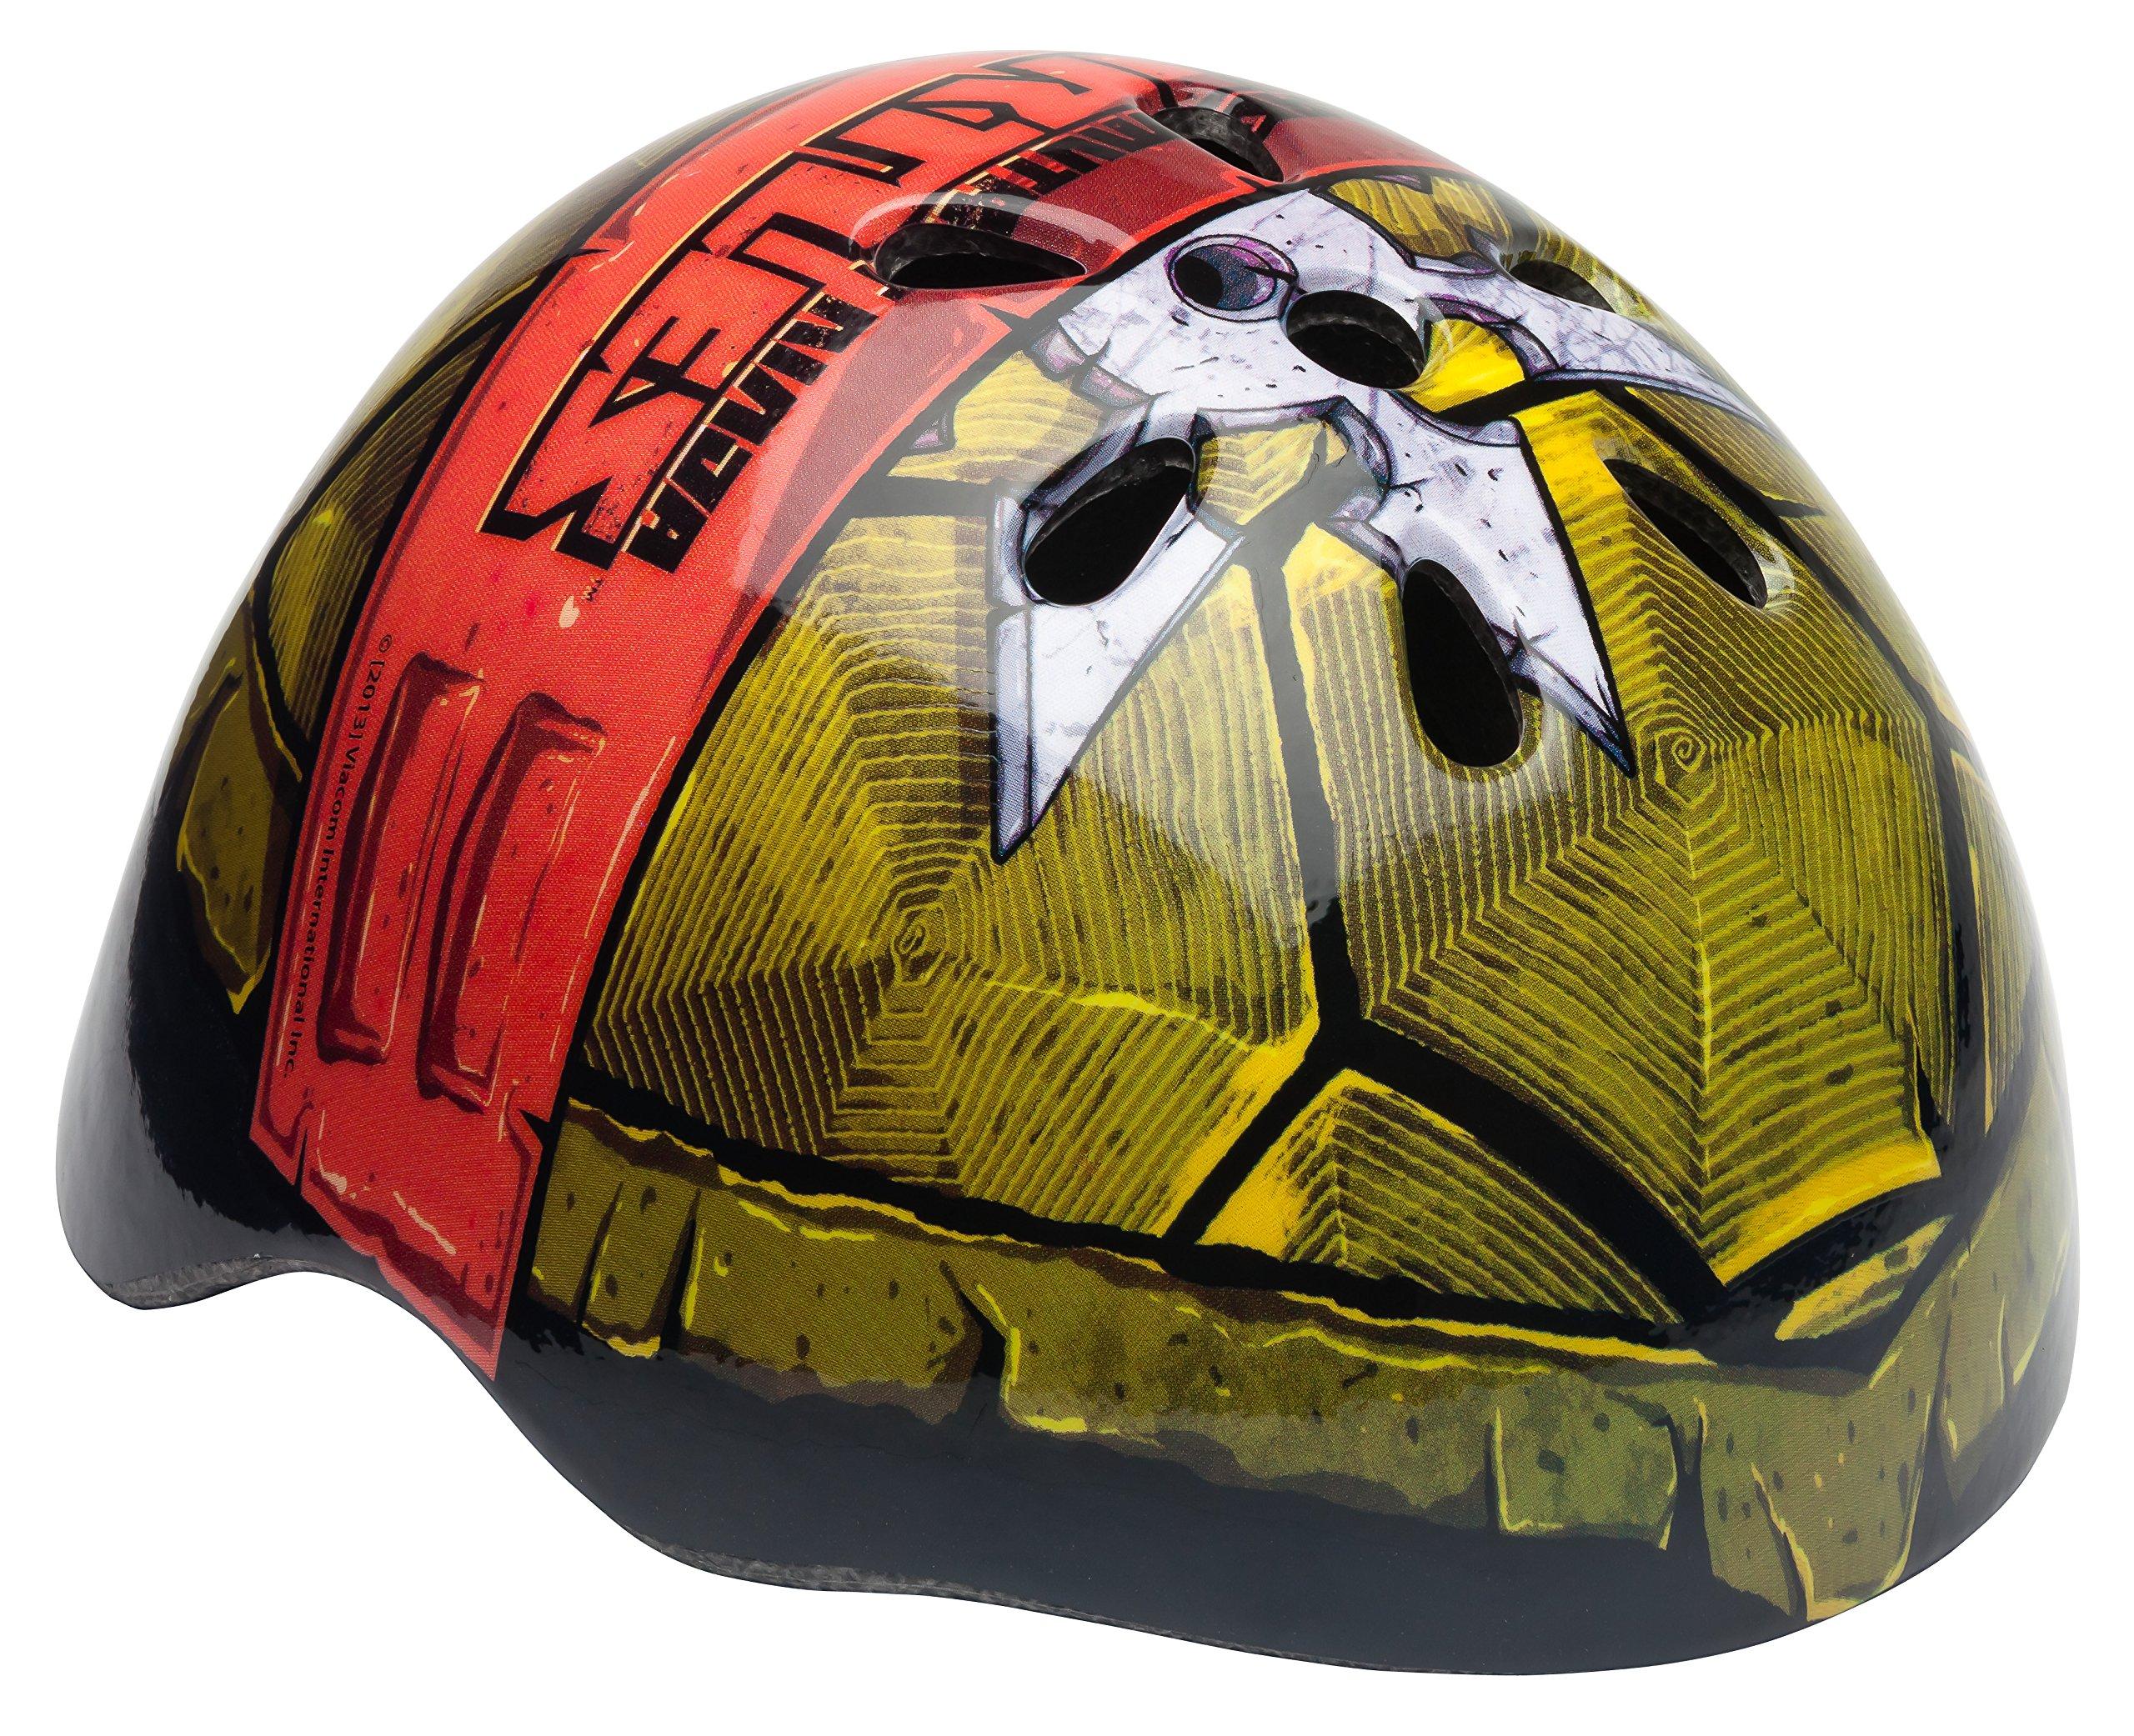 Nickelodeon Teenage Mutant Ninja Turtles Child Helmet